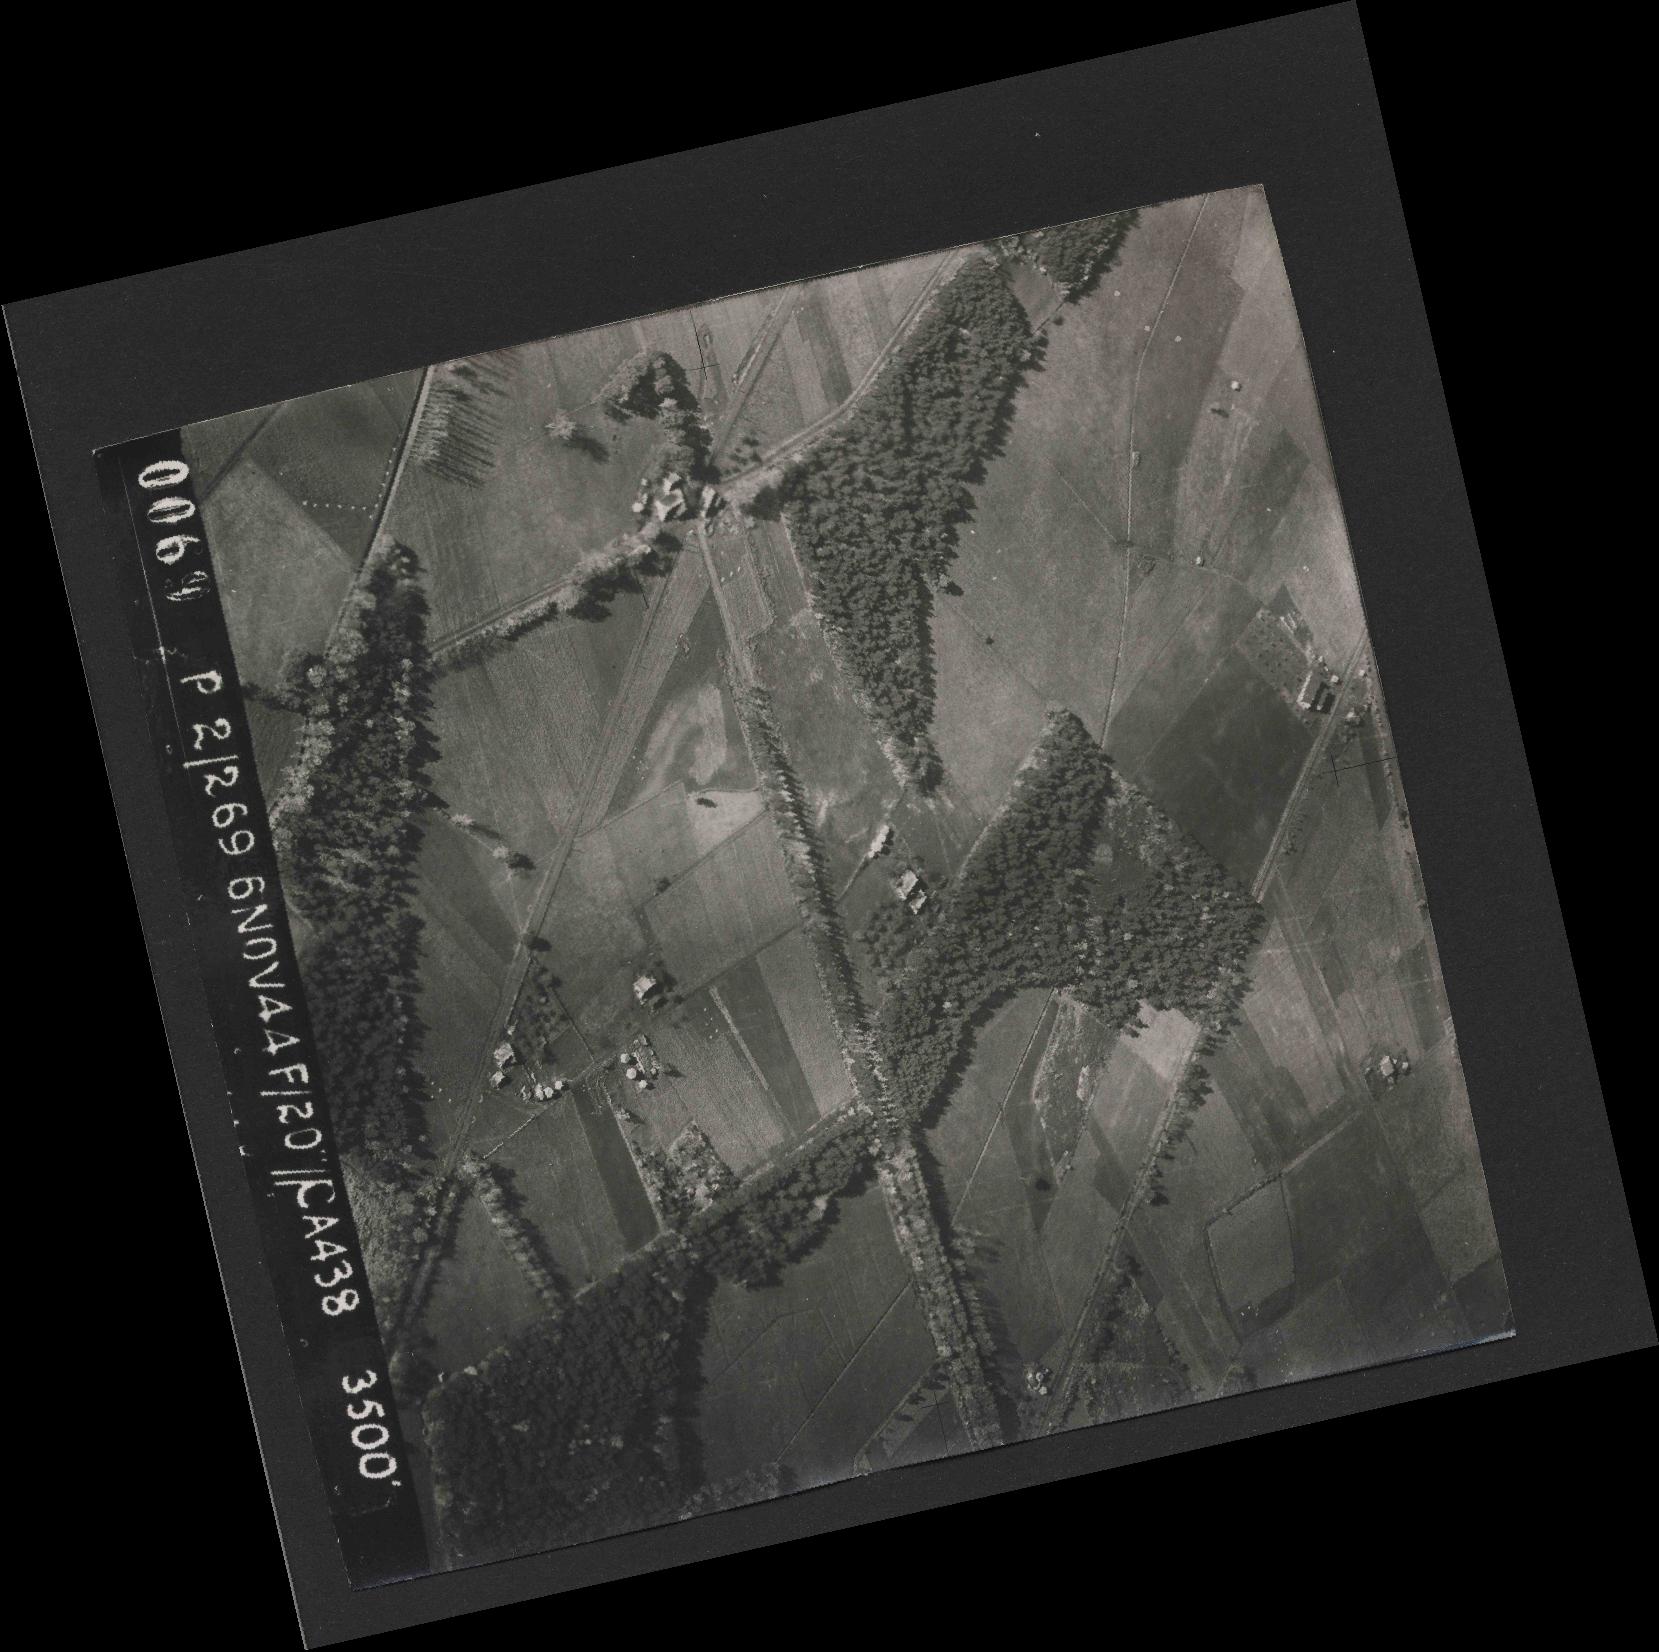 Collection RAF aerial photos 1940-1945 - flight 501, run 01, photo 0069